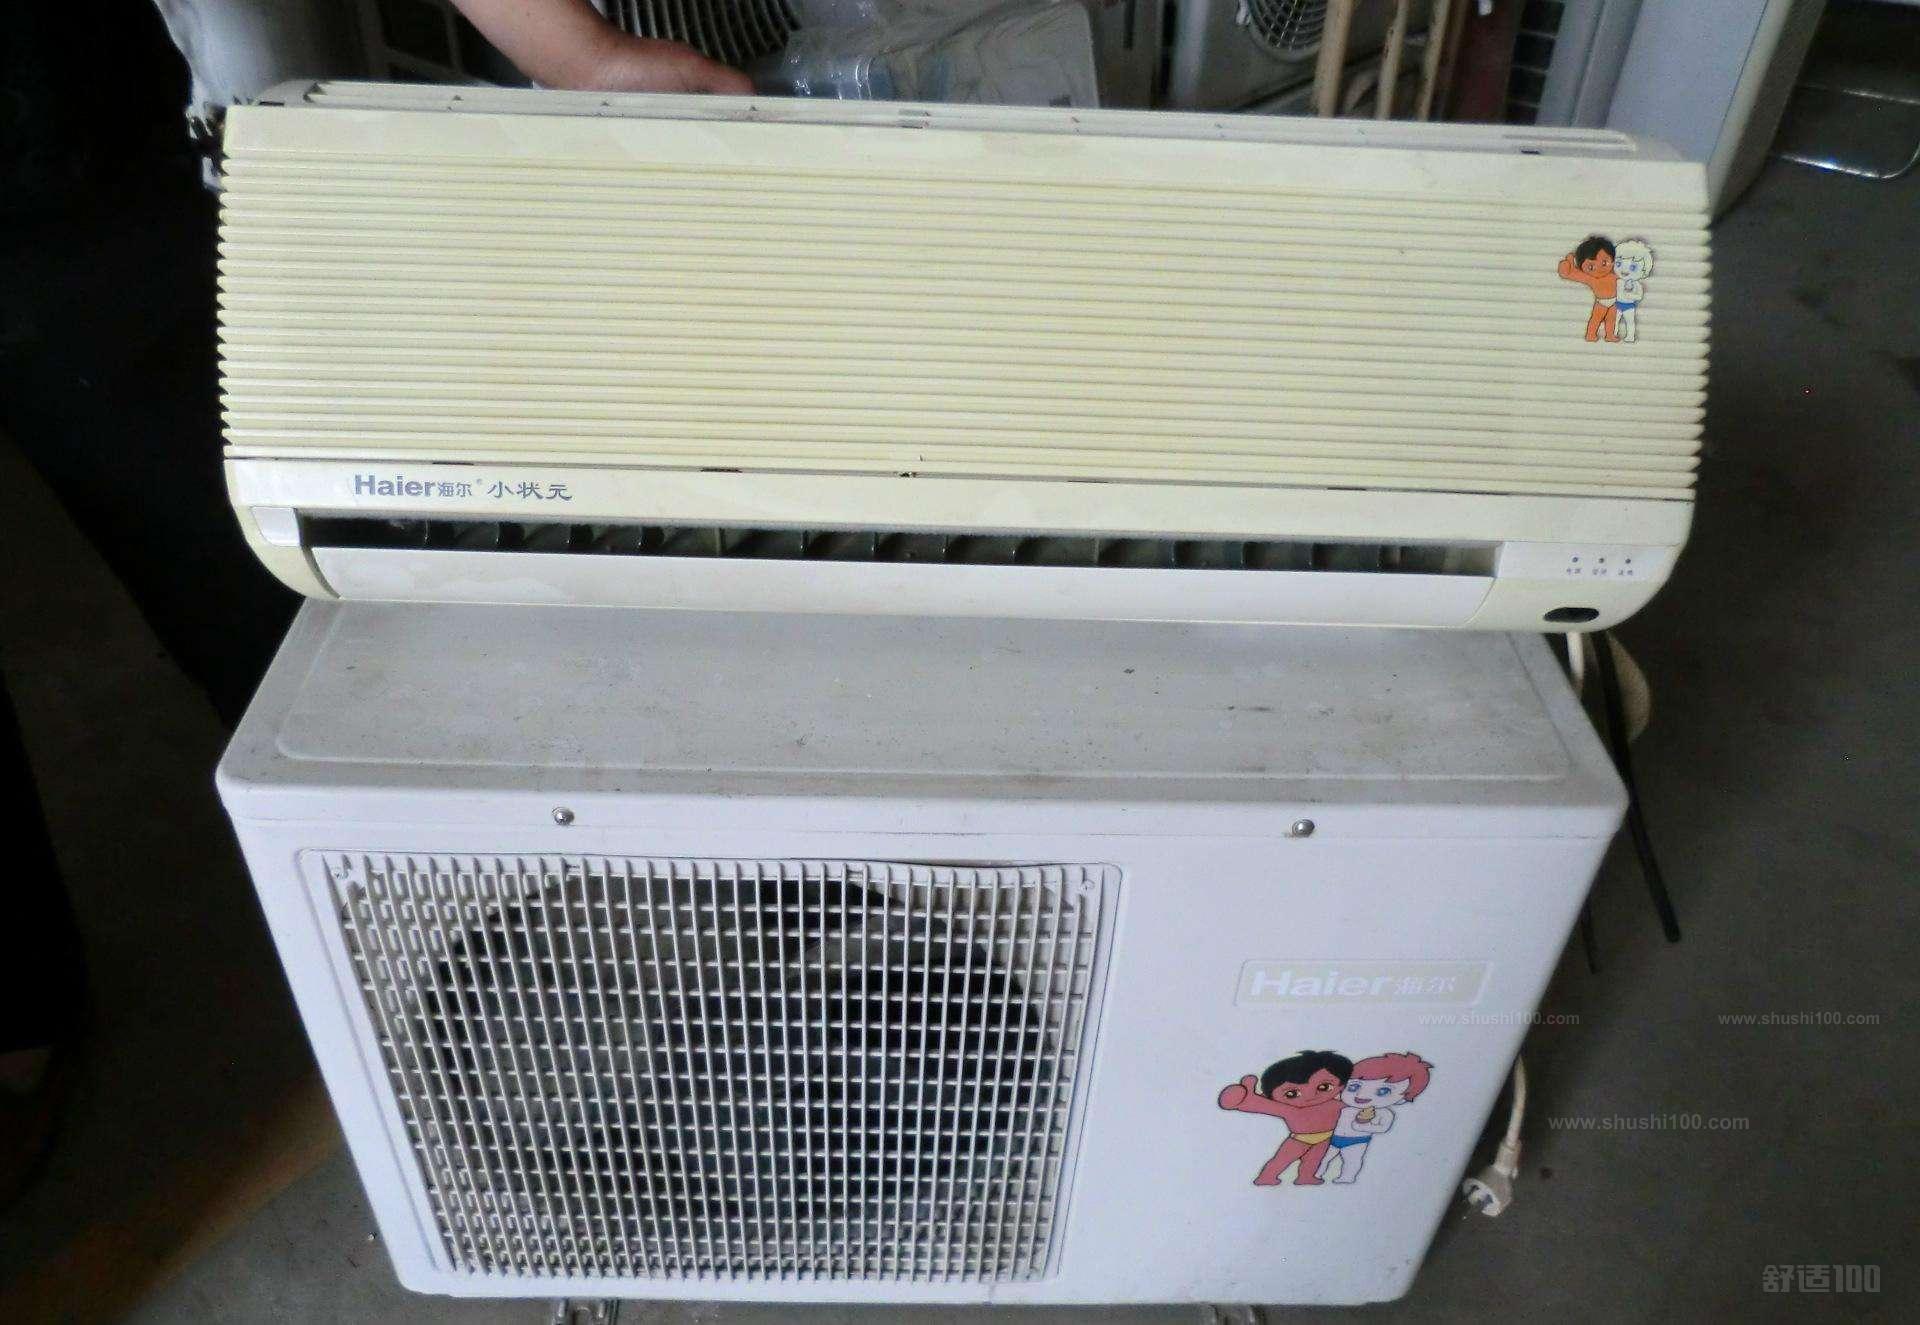 海尔空调怎么制热—海尔空调制热原理是什么